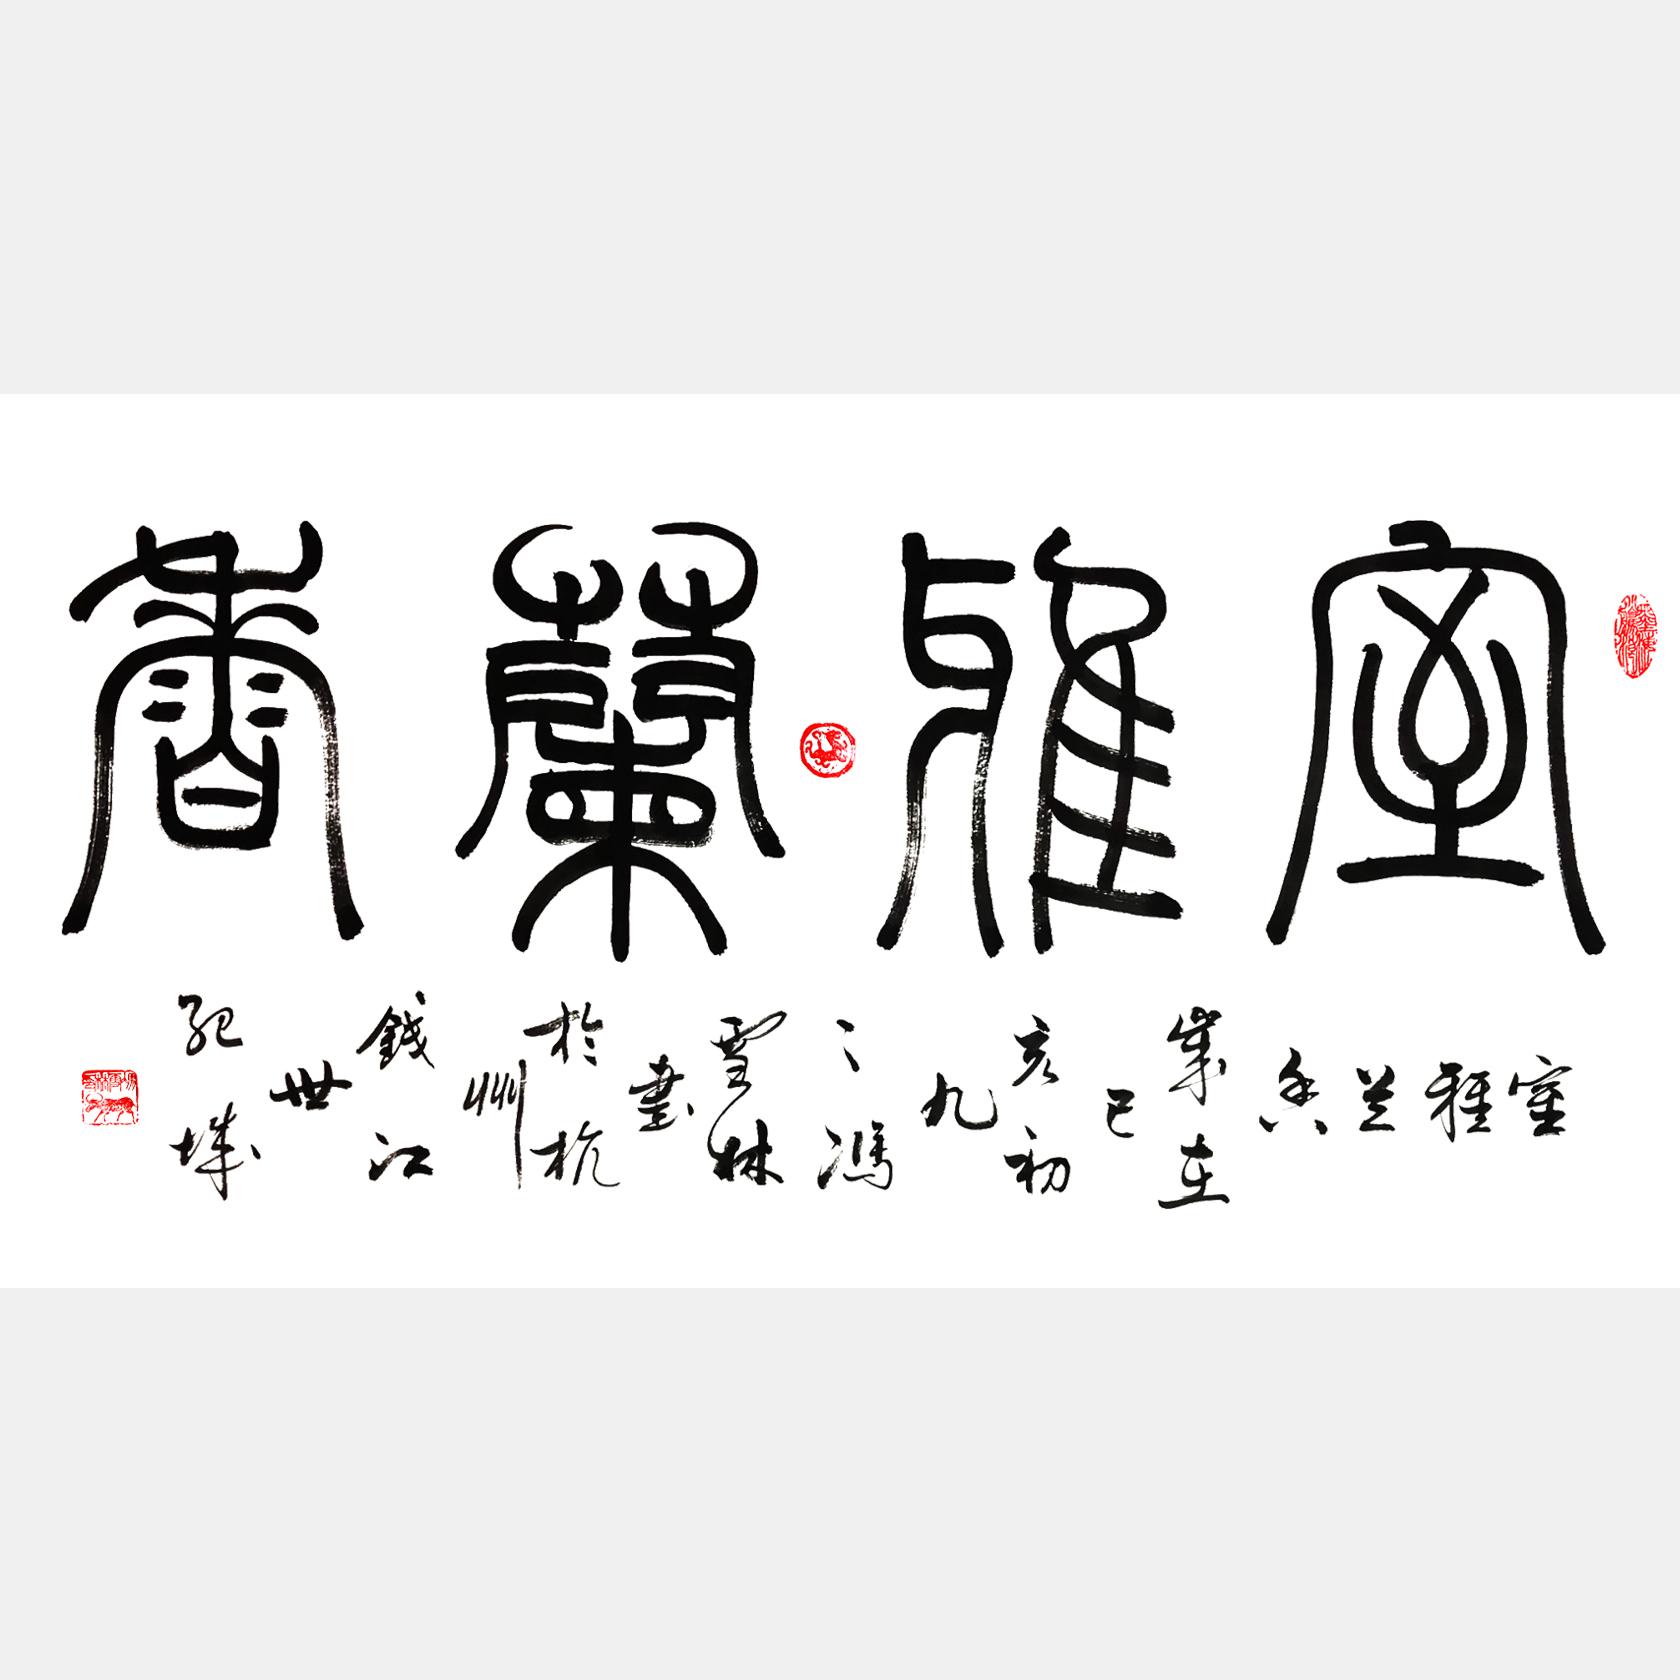 室雅兰香书法字画 篆书书法作品 客厅字画书法字画